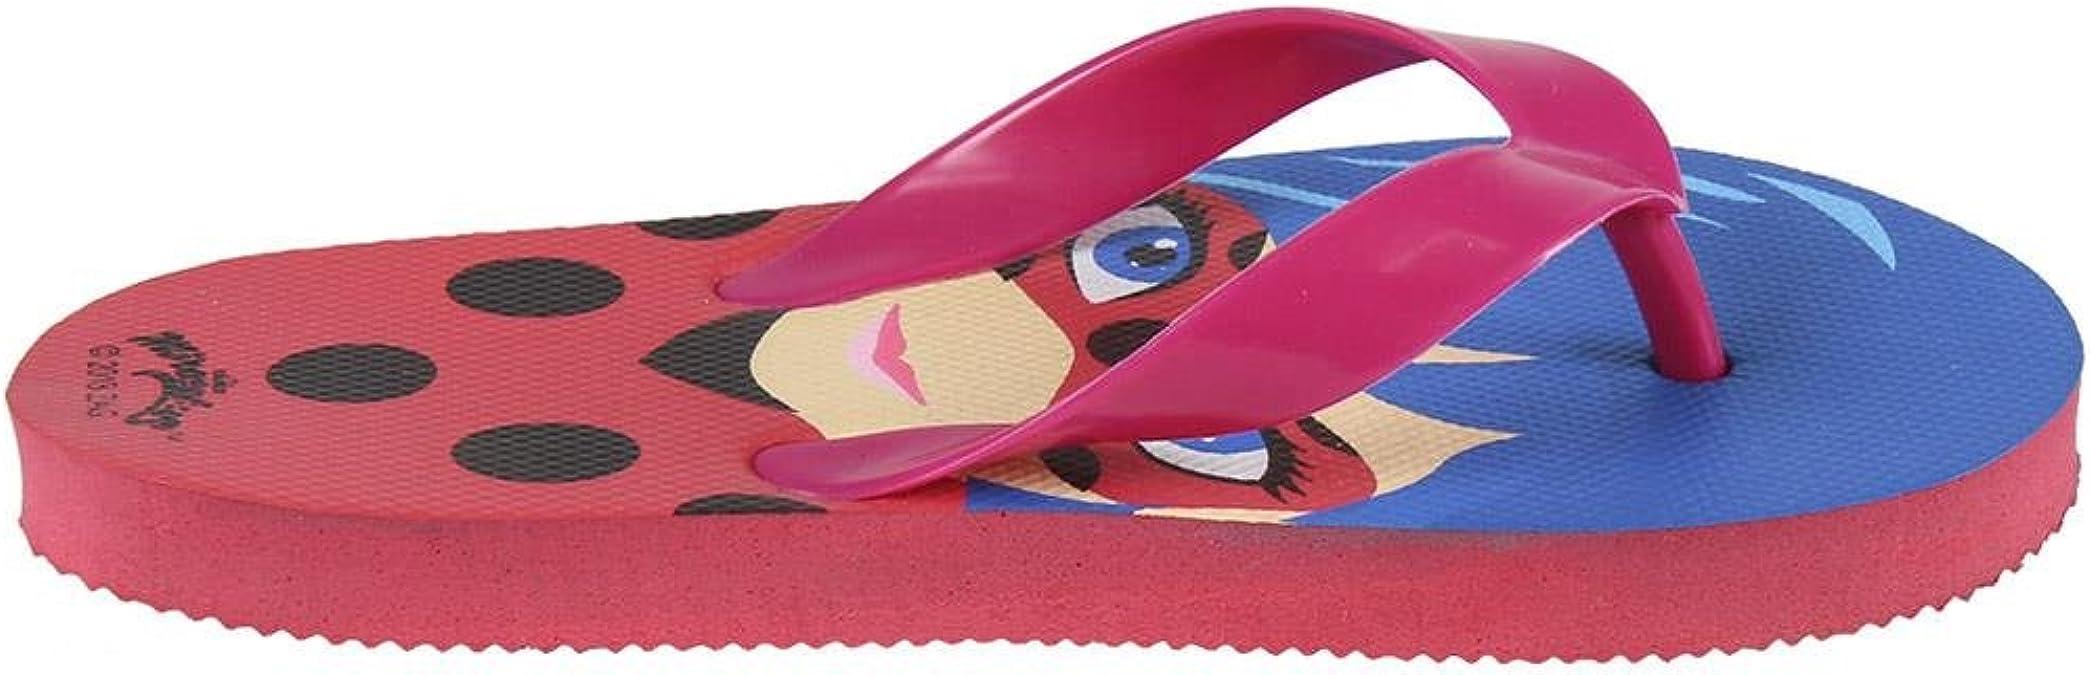 Rouge Fille Miraculous Flip Flop les Aventures de Ladybug et Chat Noir 2300002993 Tongs 28//29